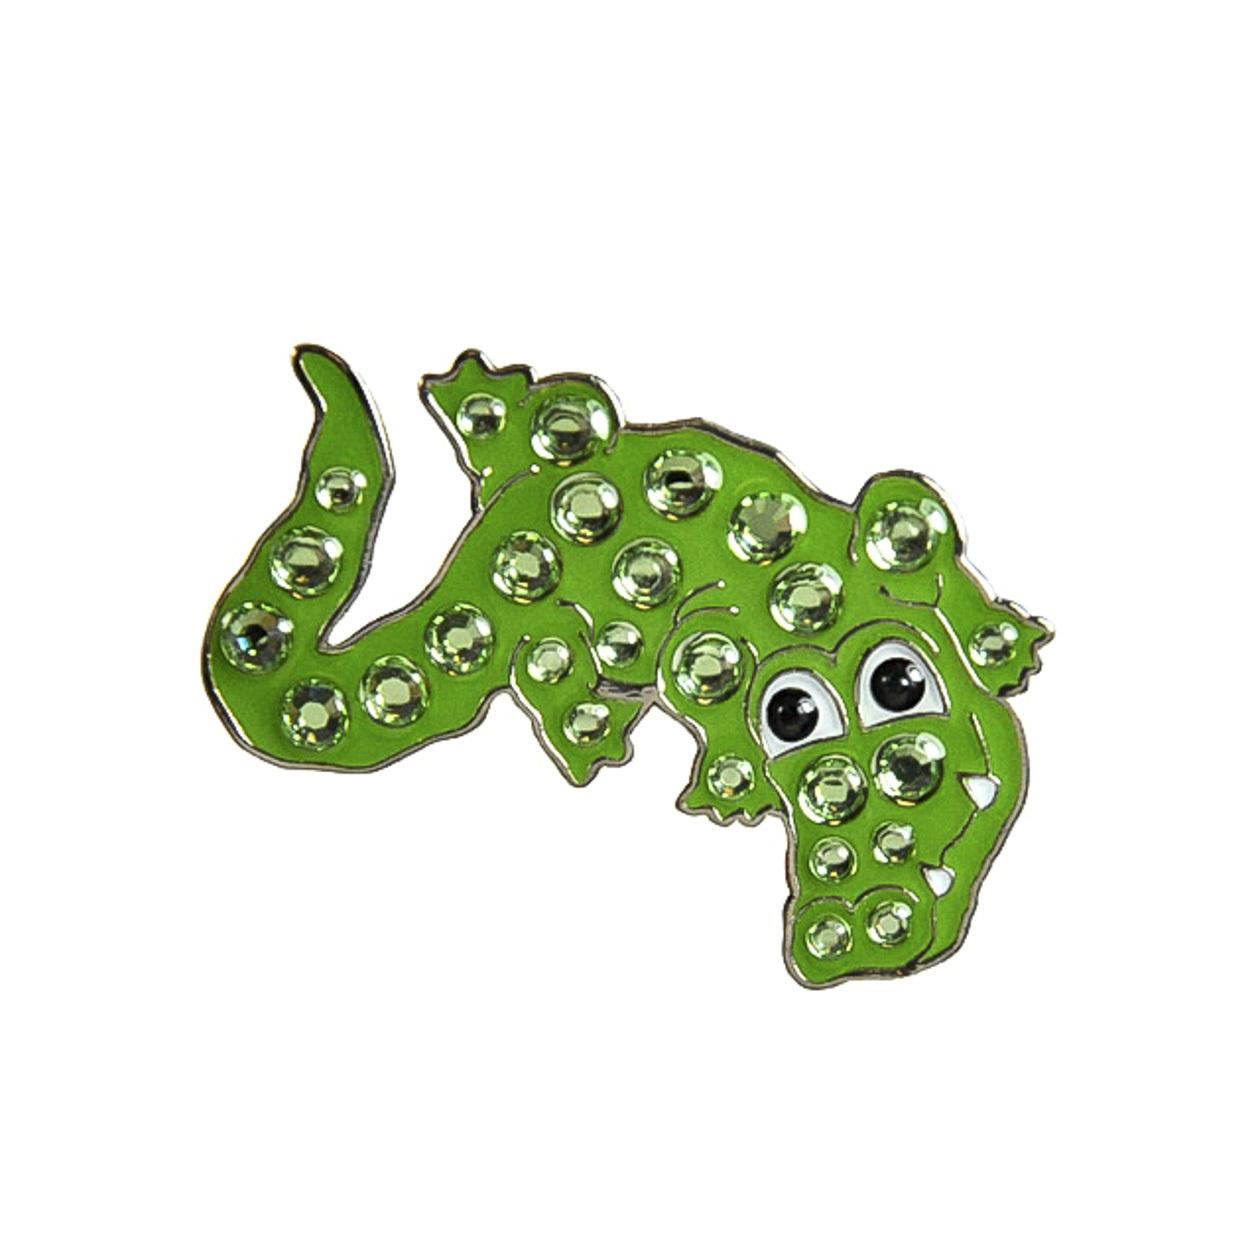 111. Alligator